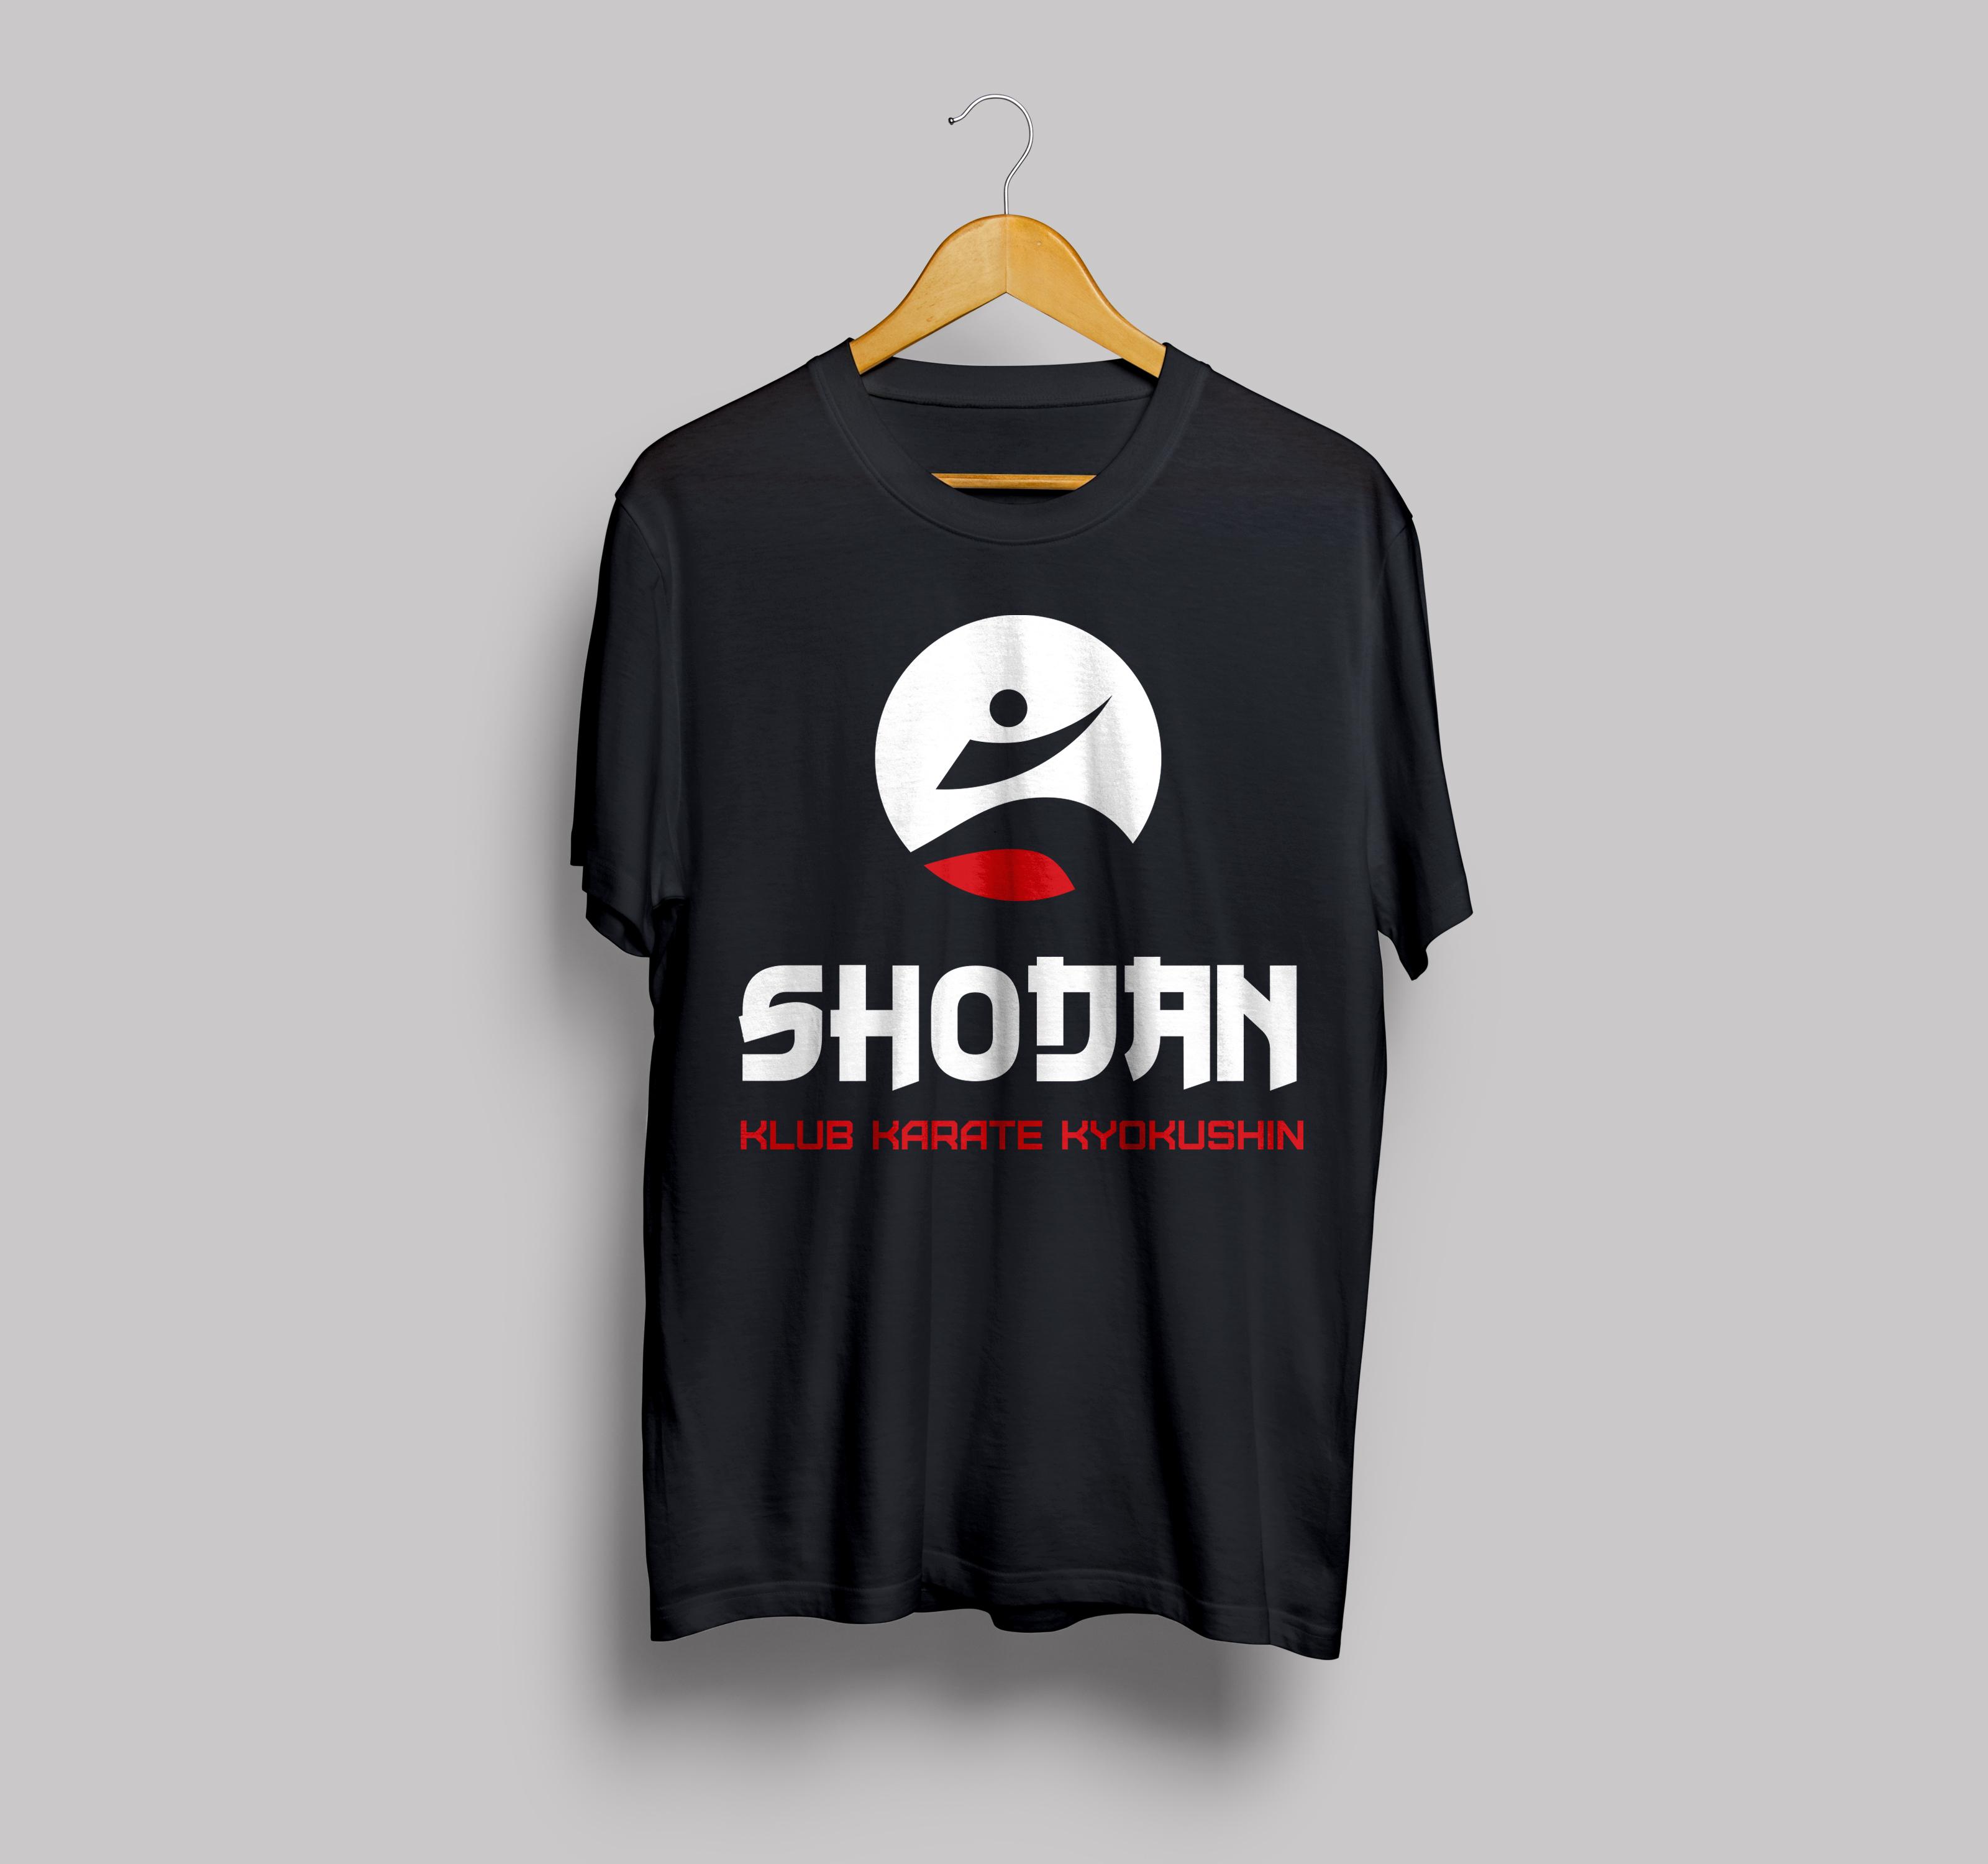 Nowe koszulki klubowe oraz rashguardy. Zbieramy zamówienia